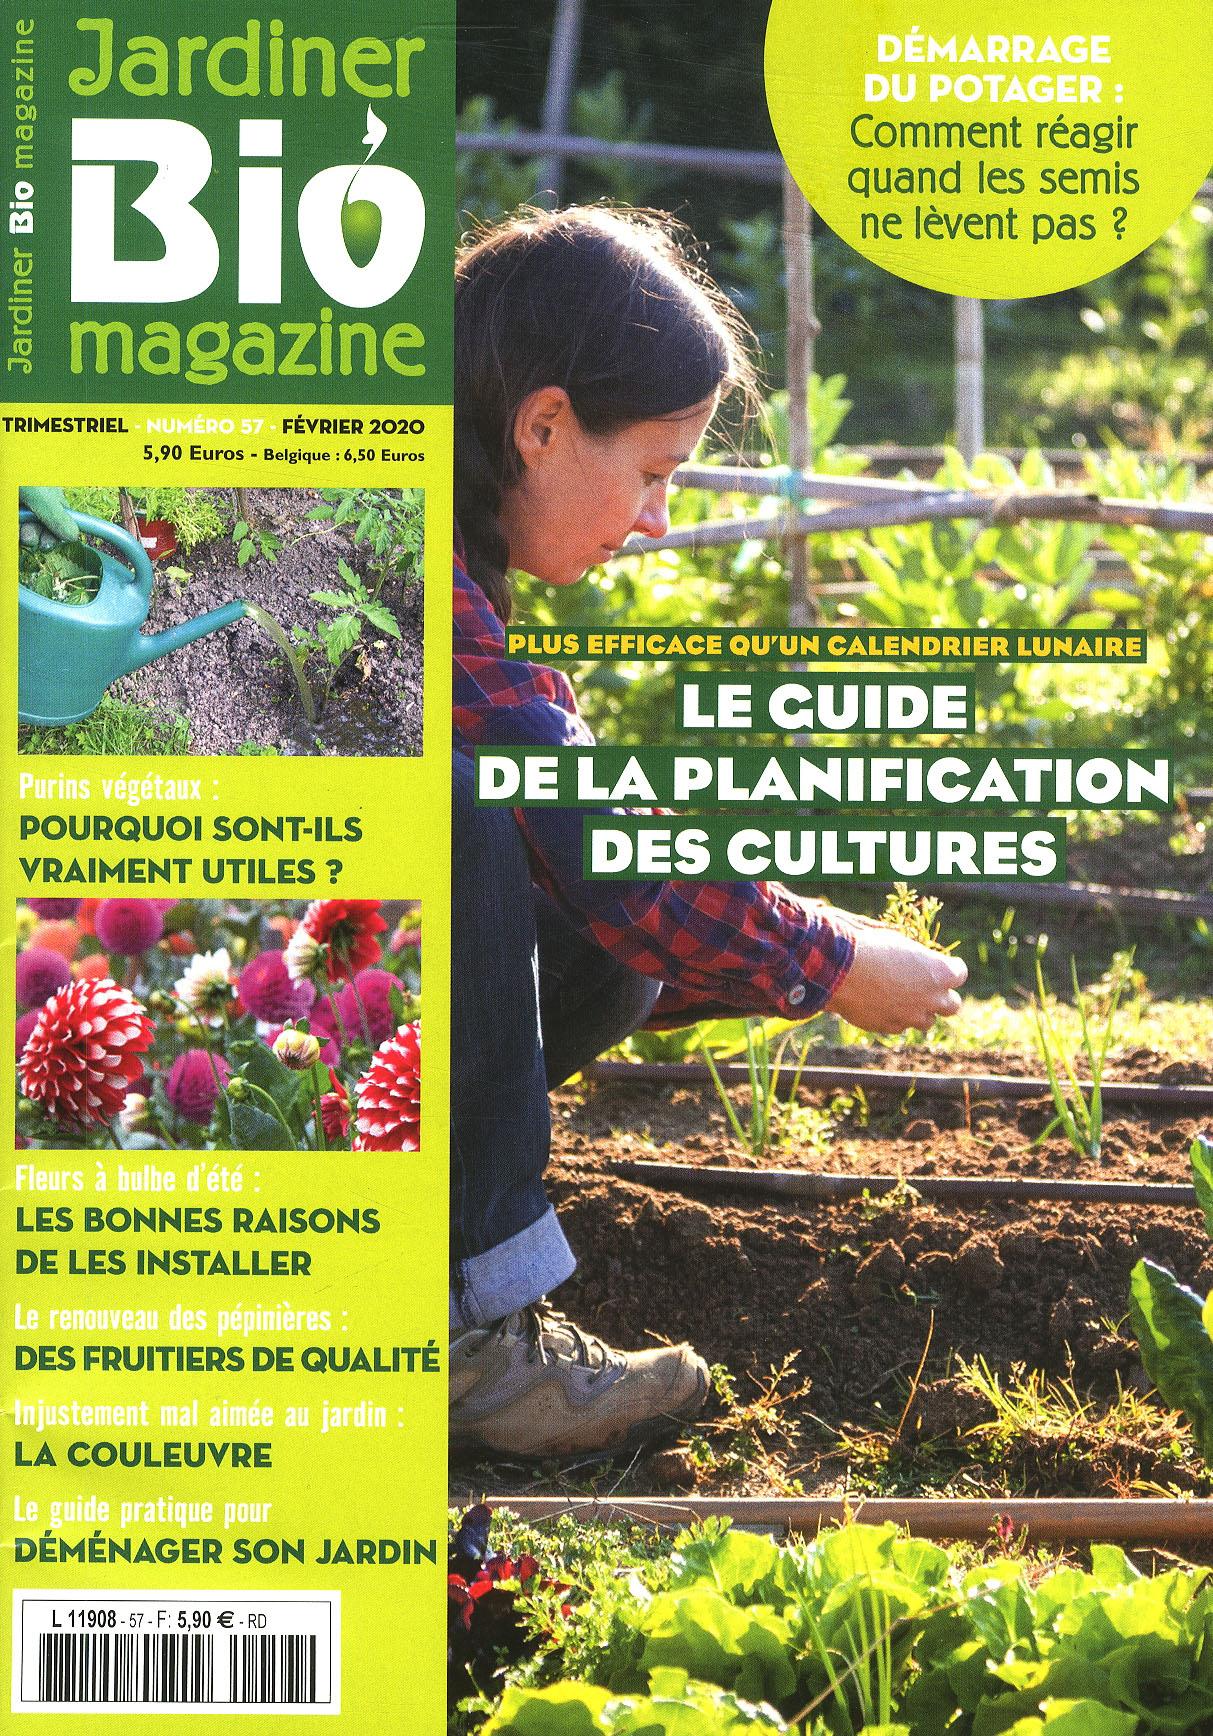 Fiche Produit - Catalogue Produits Mlp intérieur Jardiner Bio Magazine